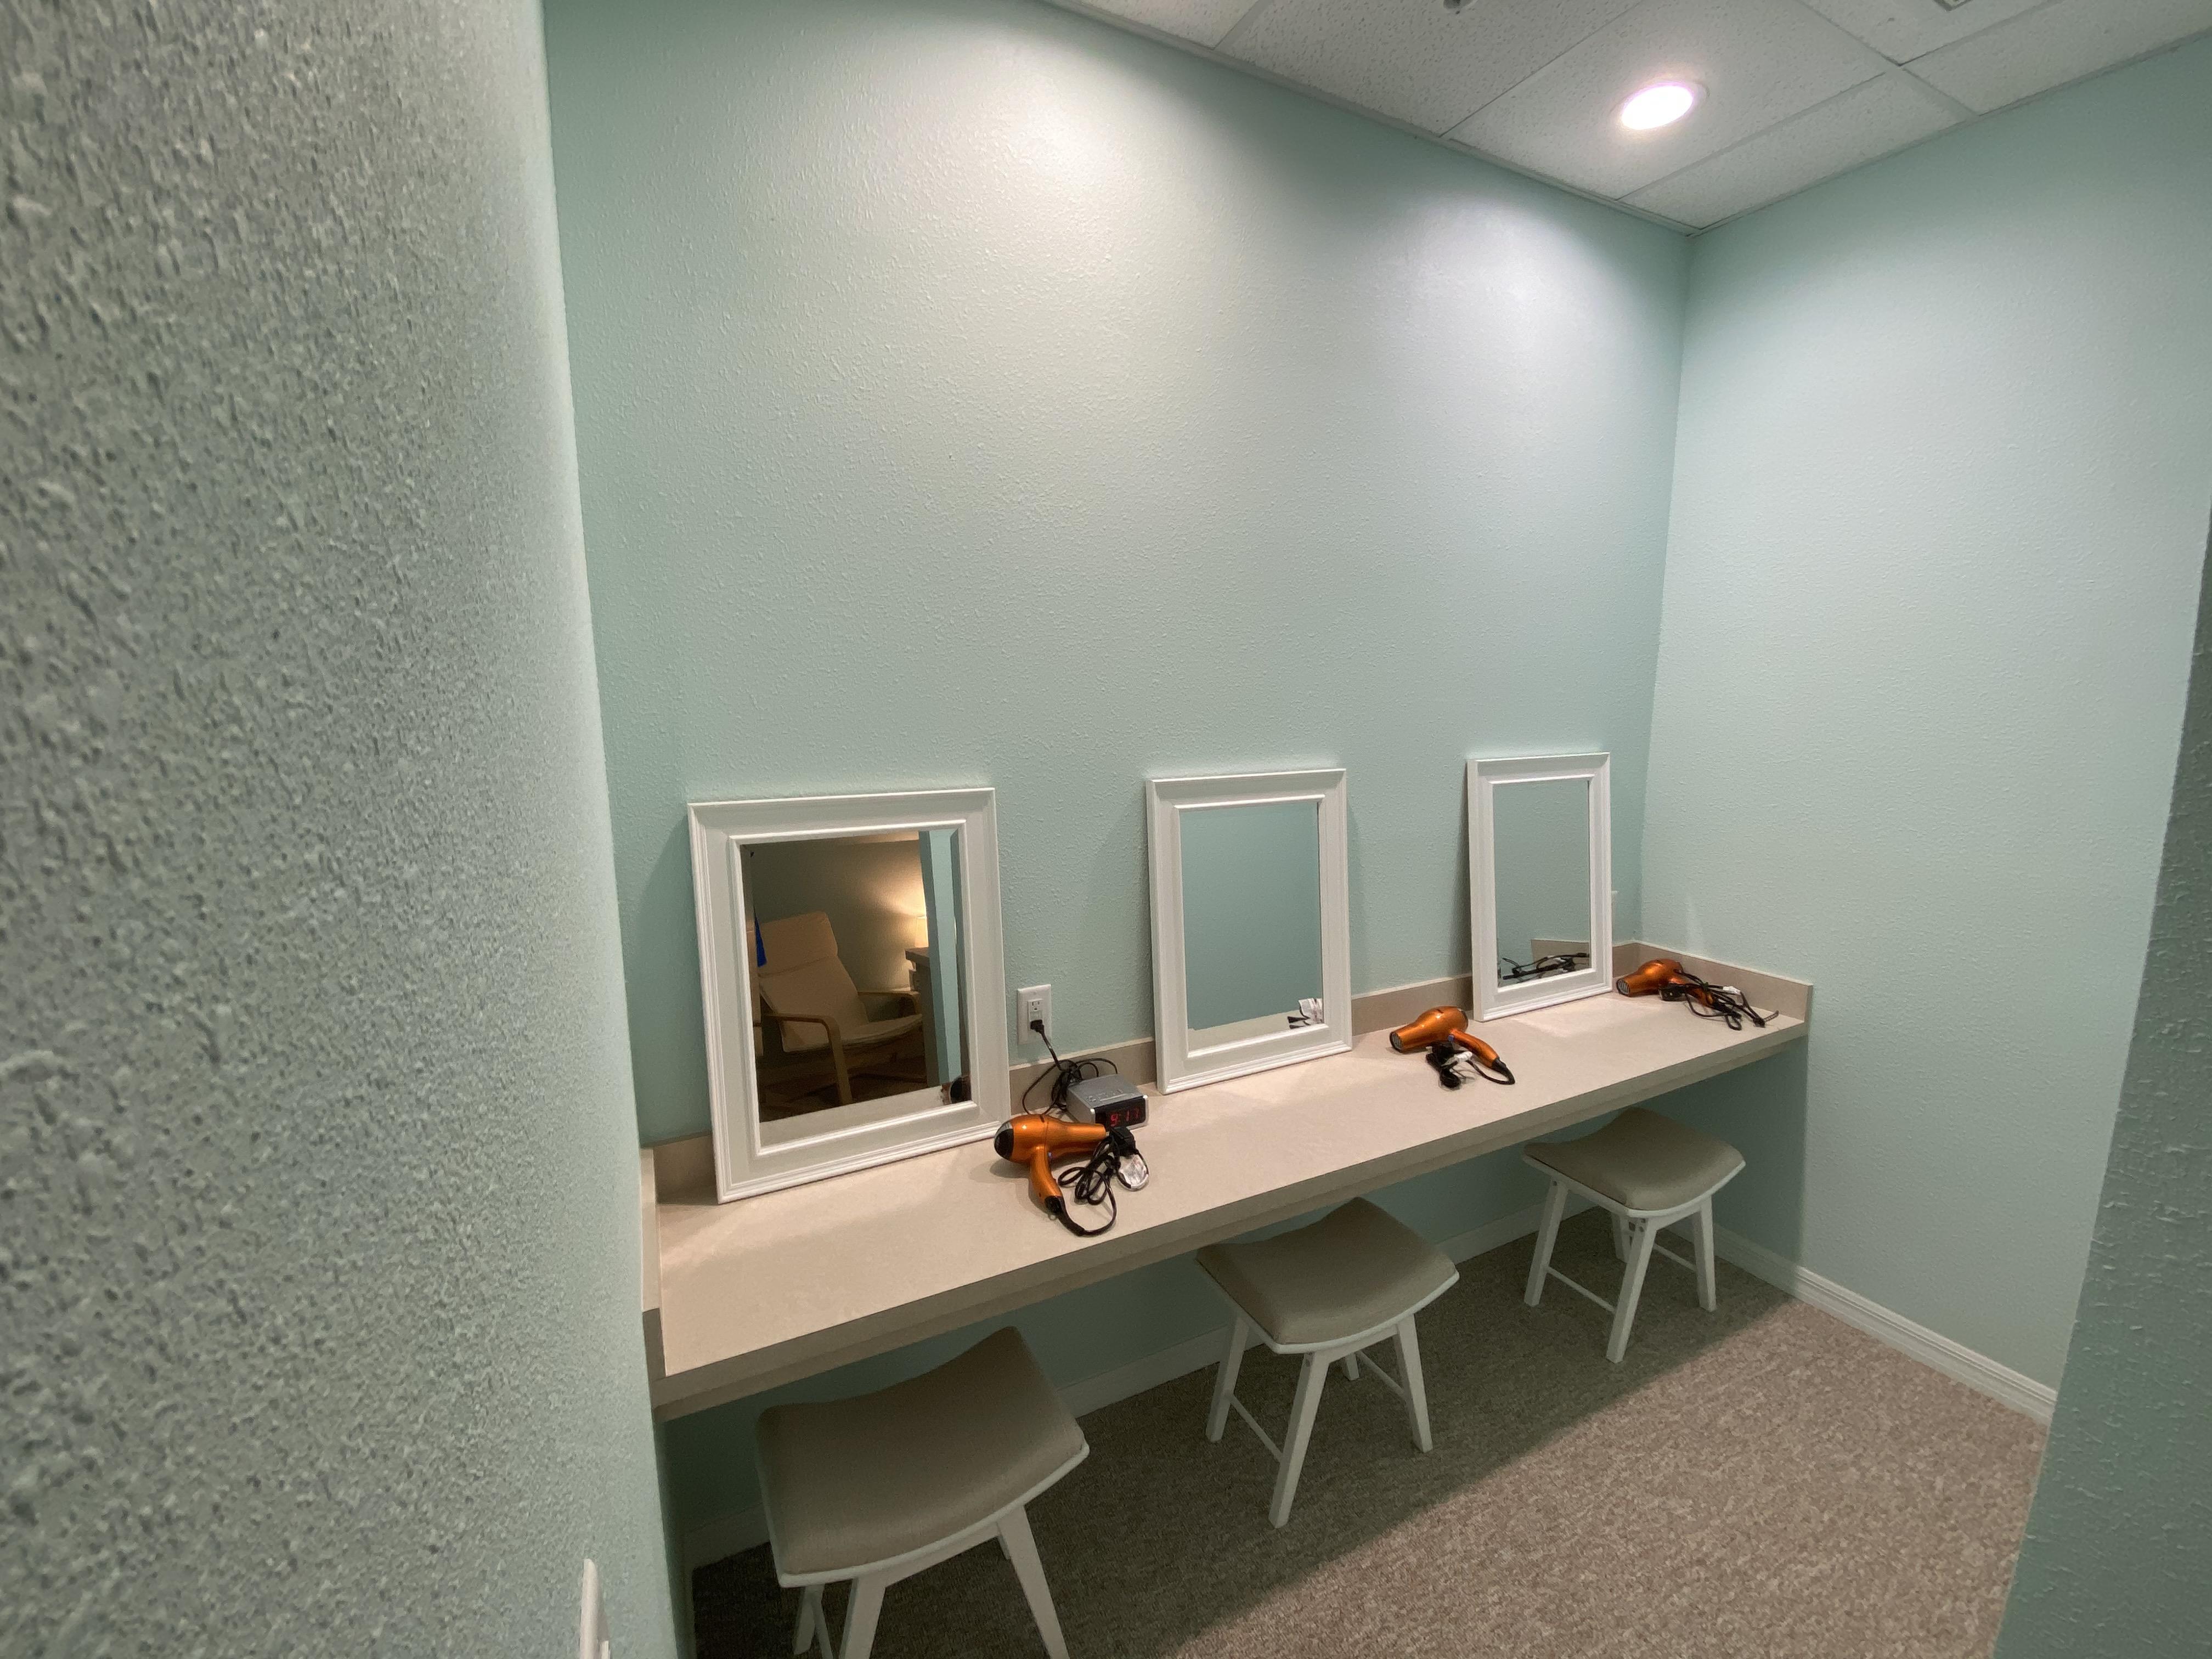 Primp Room